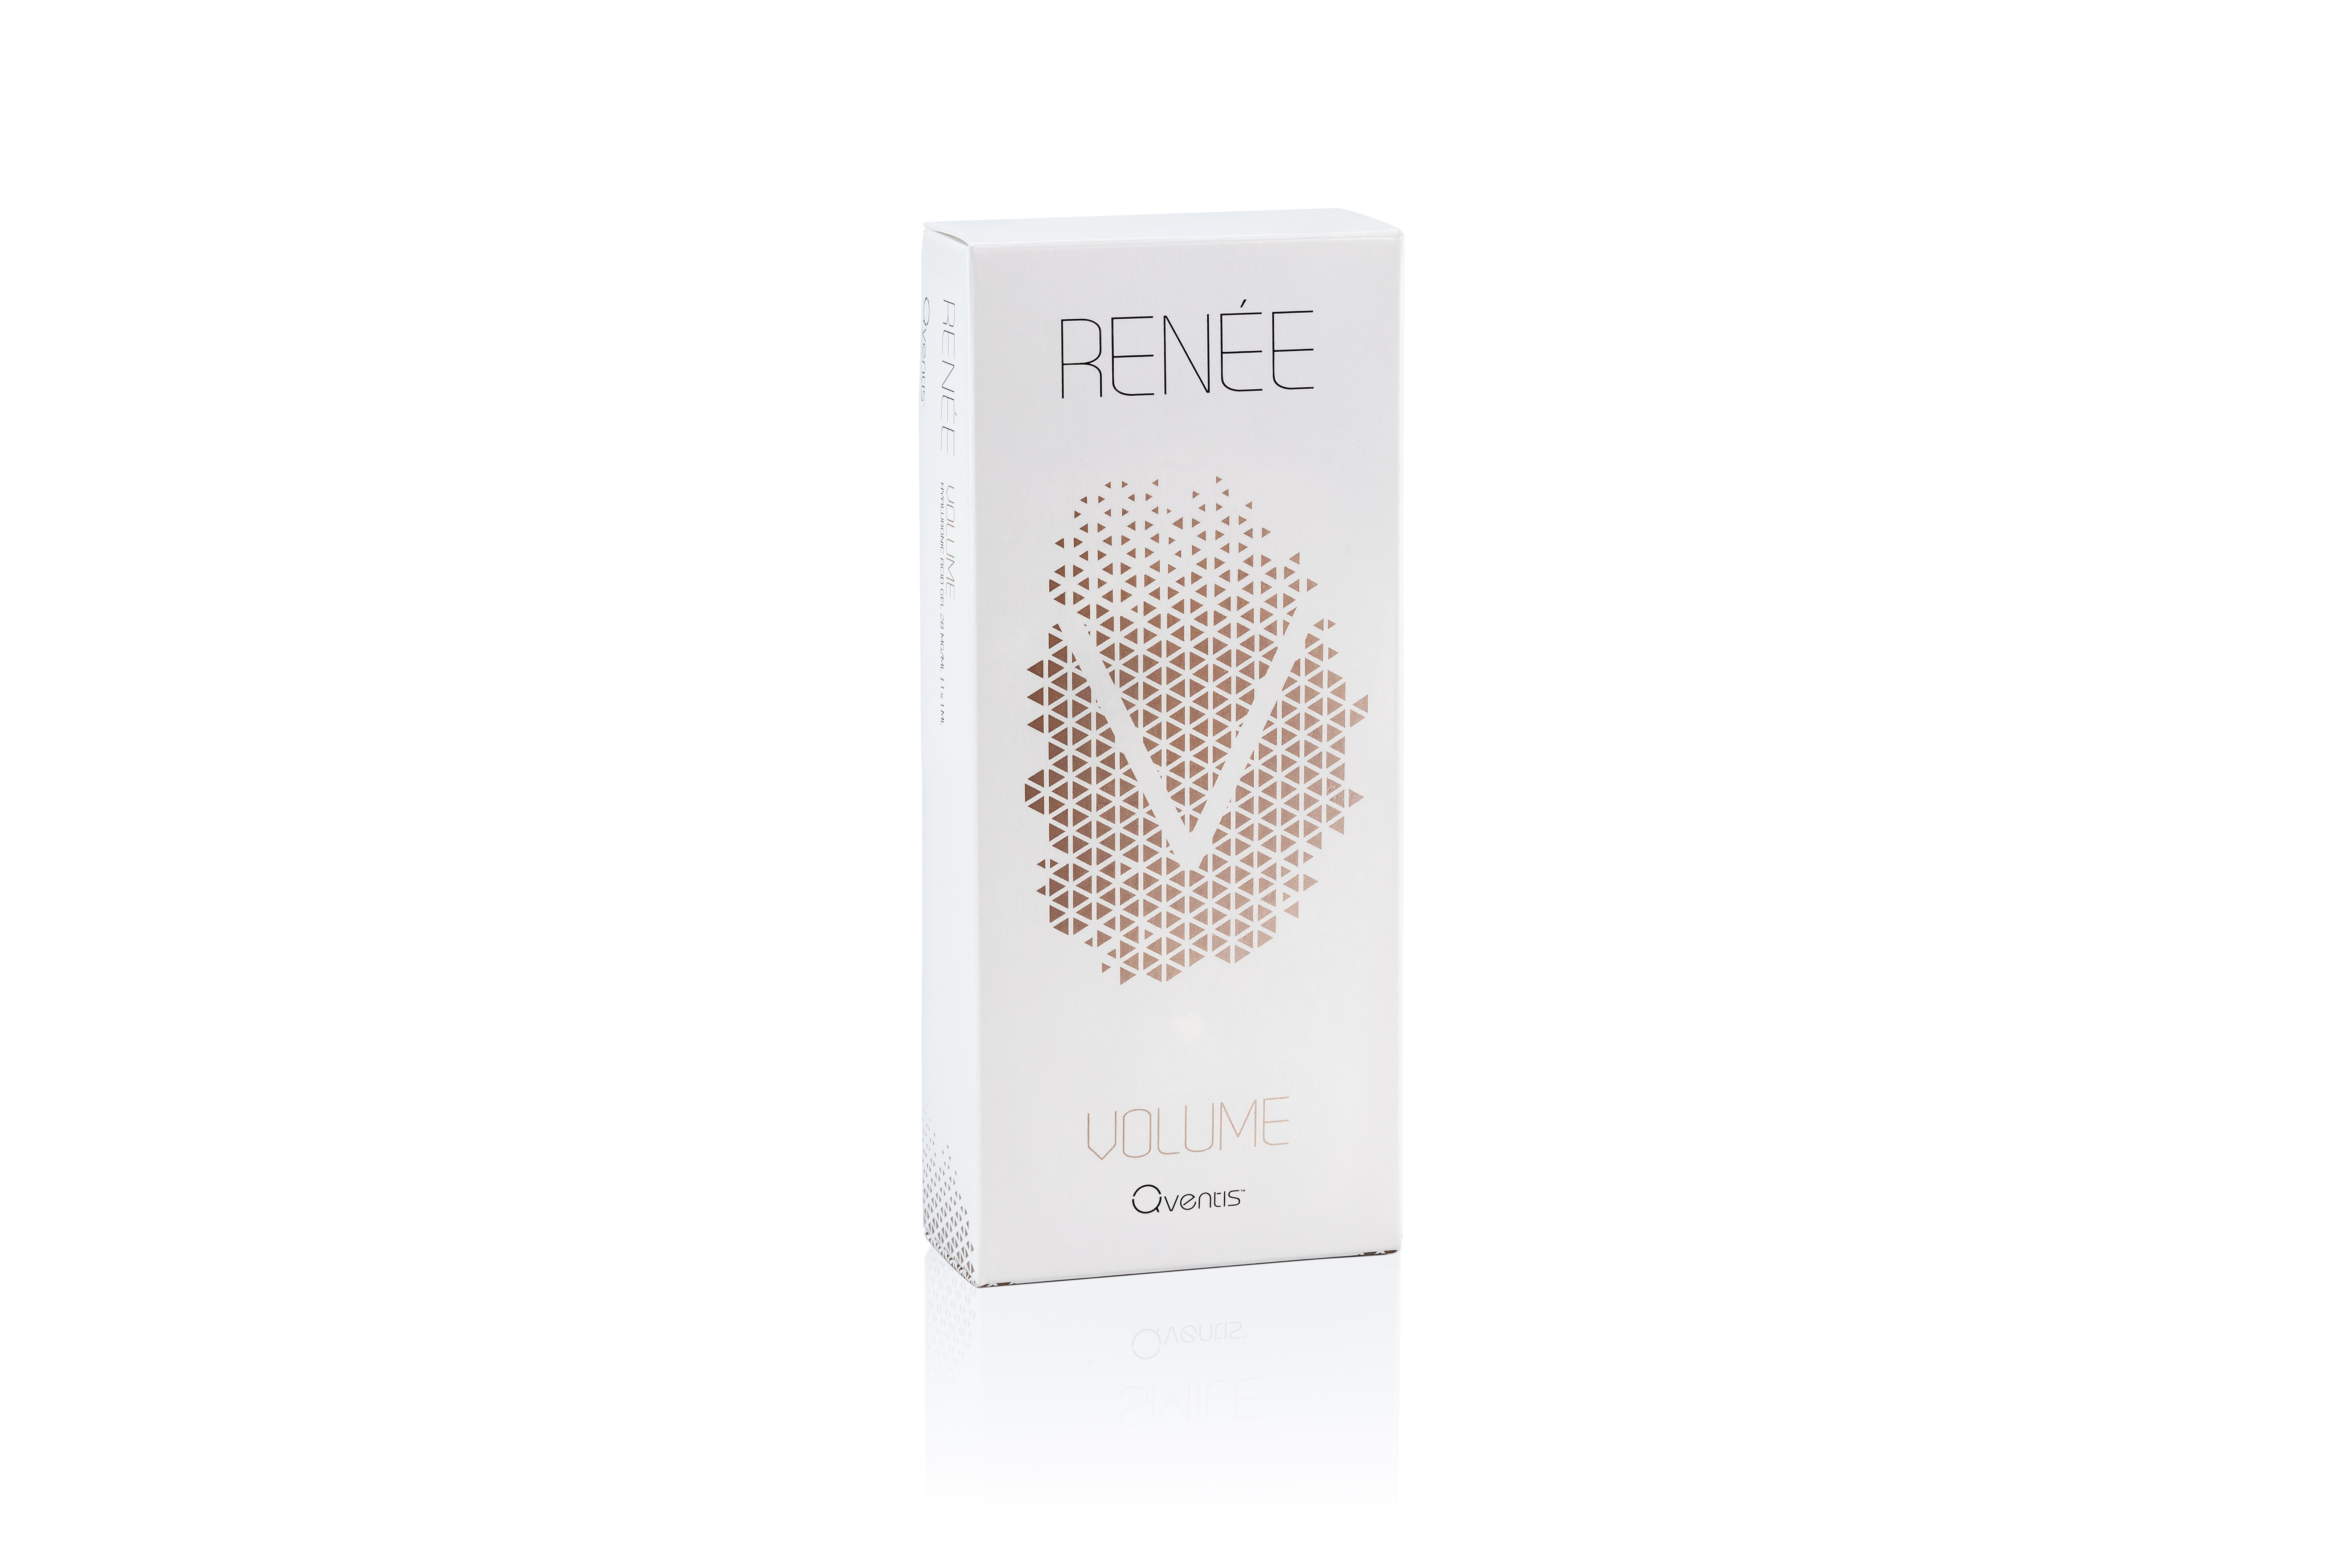 Renee Volume по специальной цене